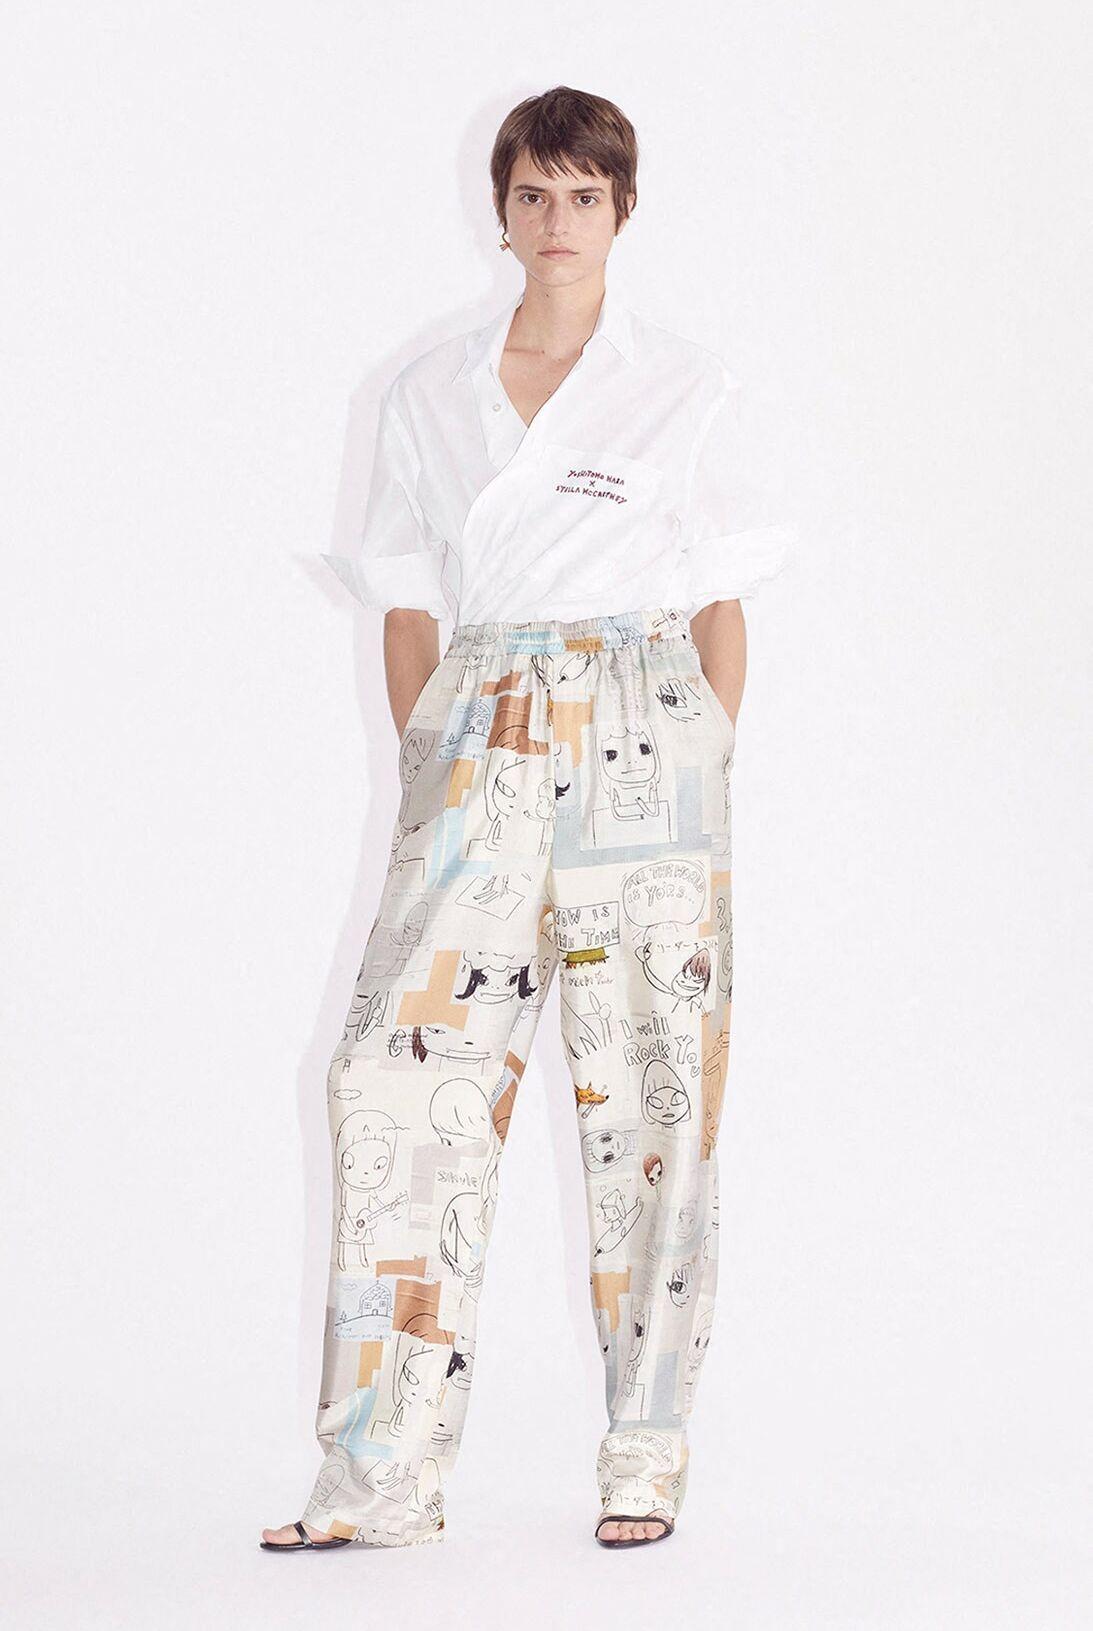 Pantalon ample façon pyjama, de la collection Stella McCartney en partenariat avec l'artiste japonais Yoshitomo Nara, le 23 février 2021